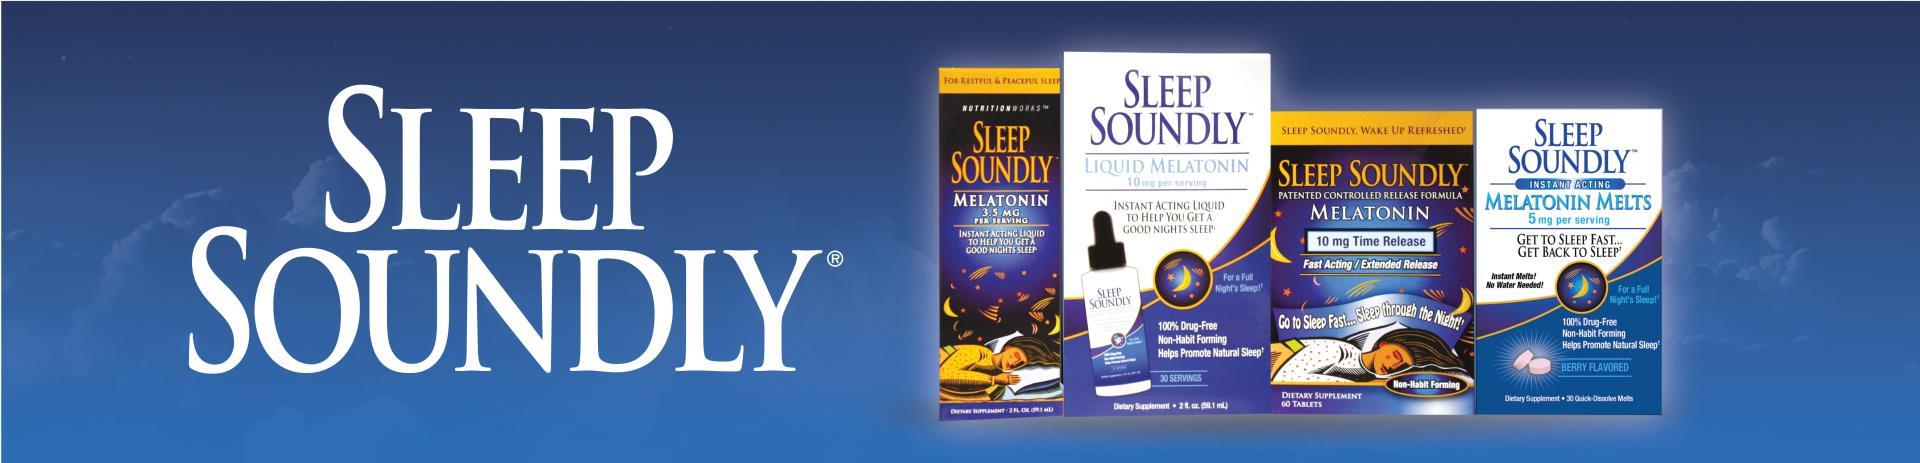 Sleep Soundly®